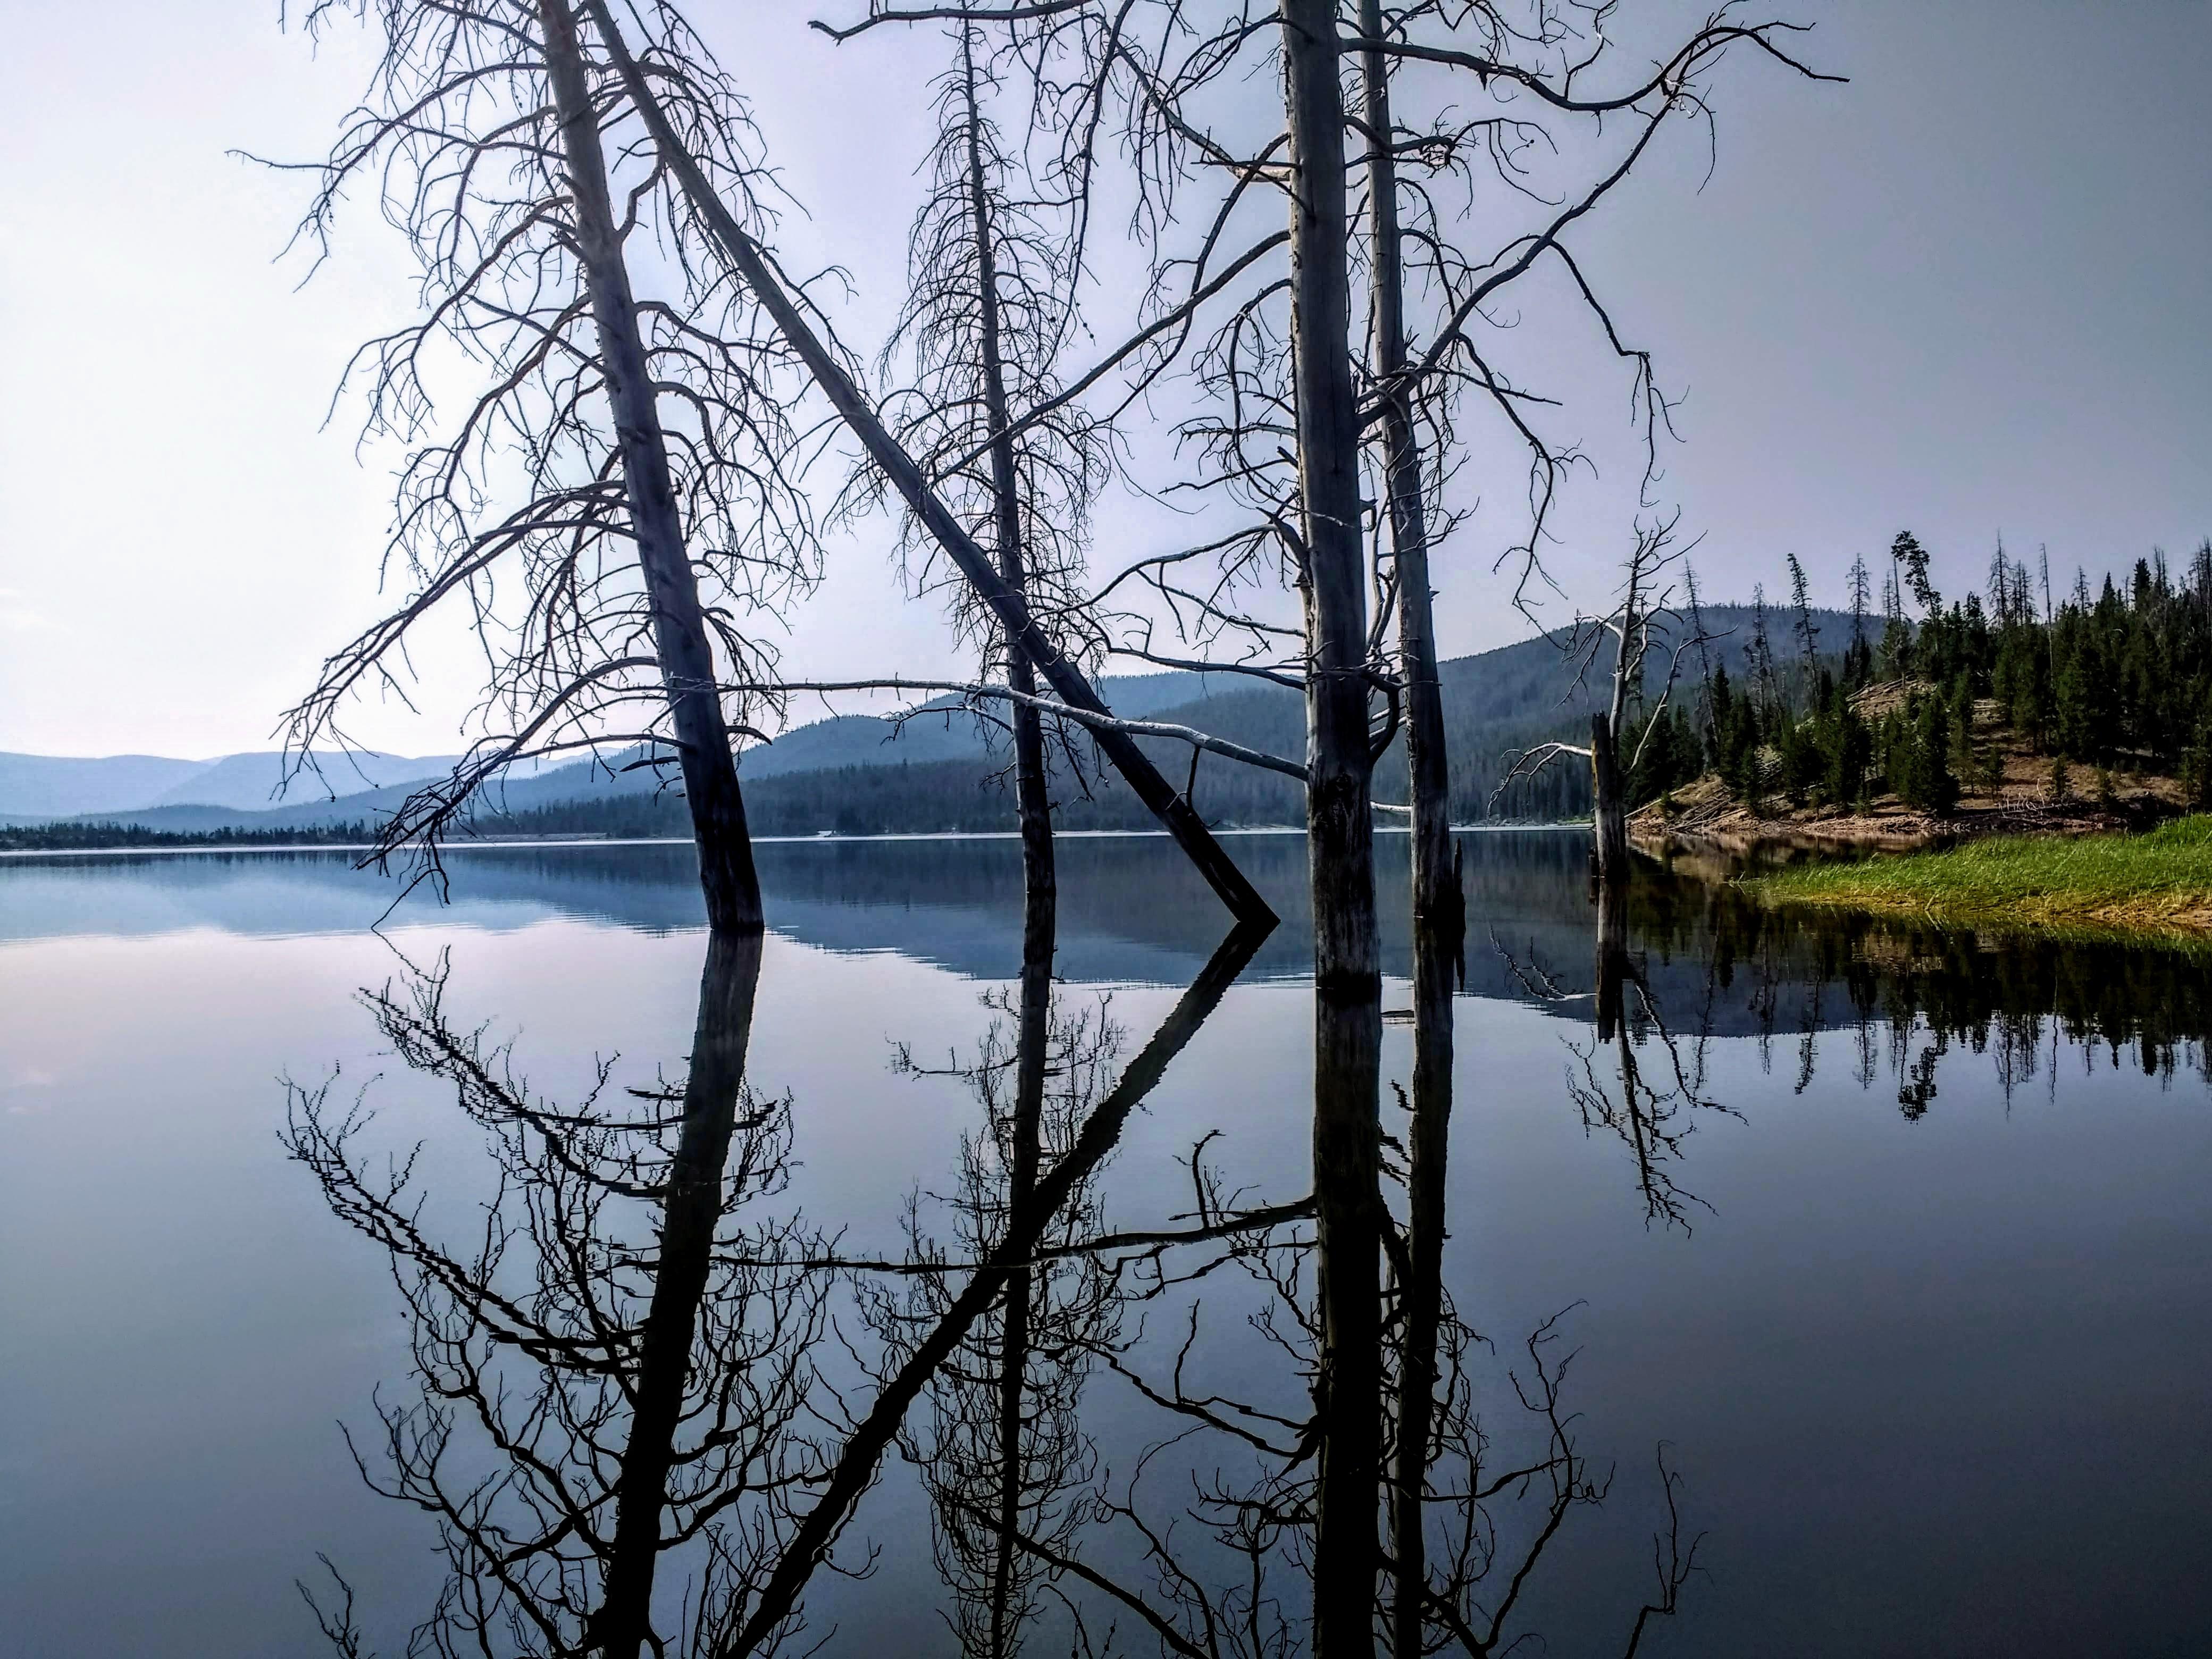 Mirrored World